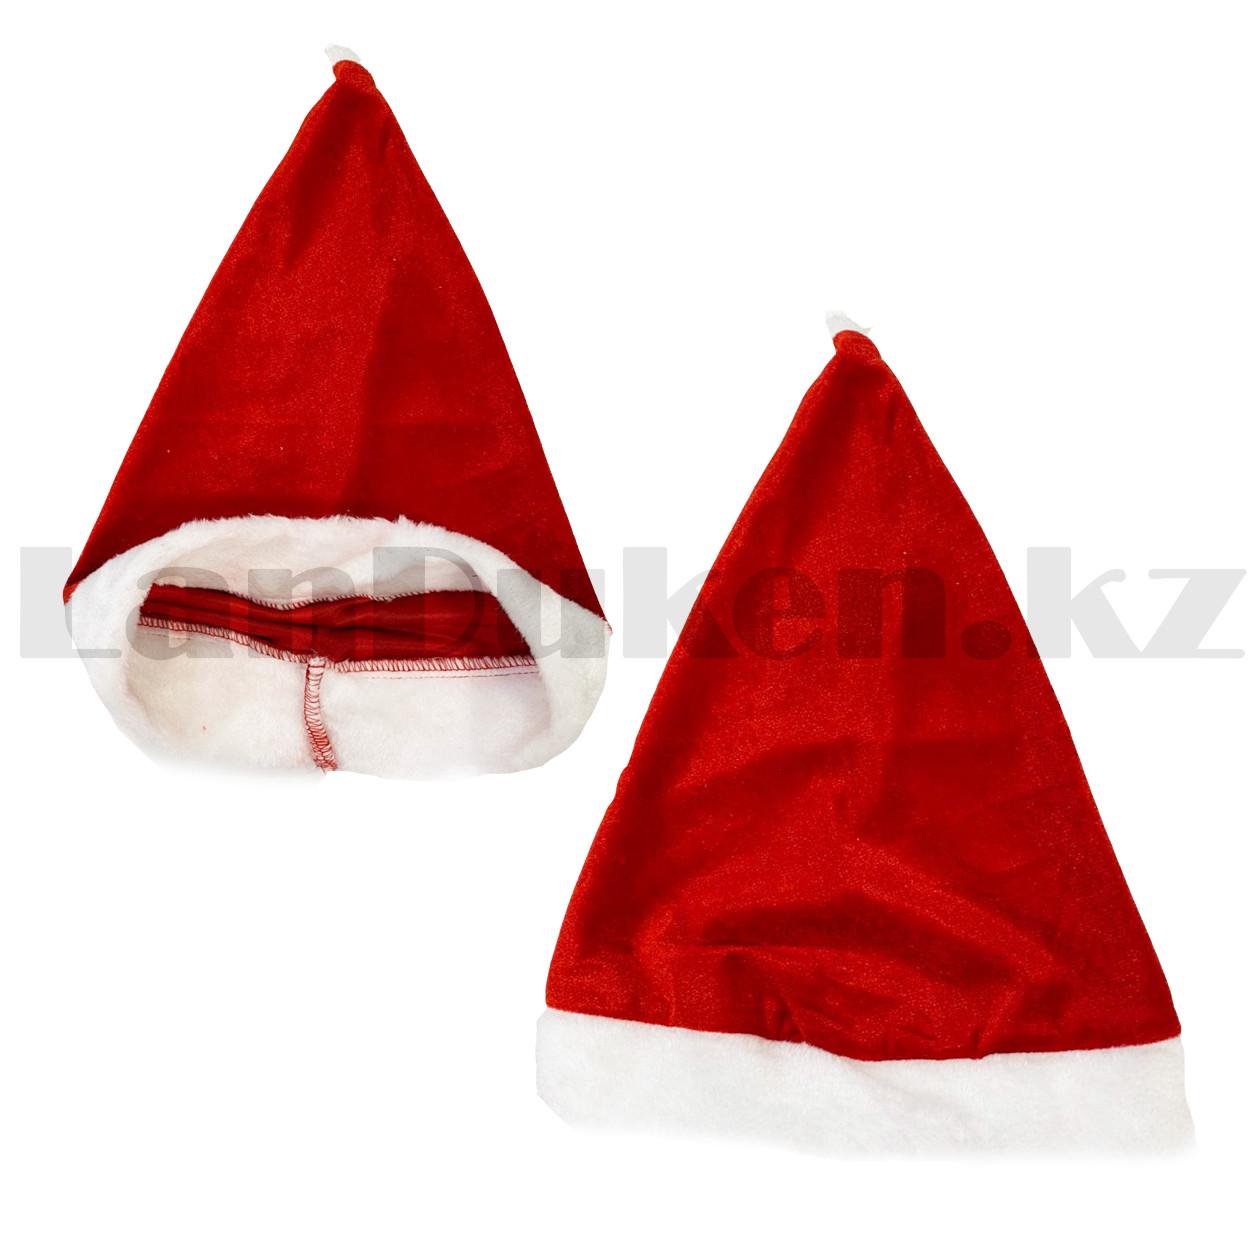 Костюм детский карнавальный раздельный Деда Мороза Аяз Ата красный - фото 7